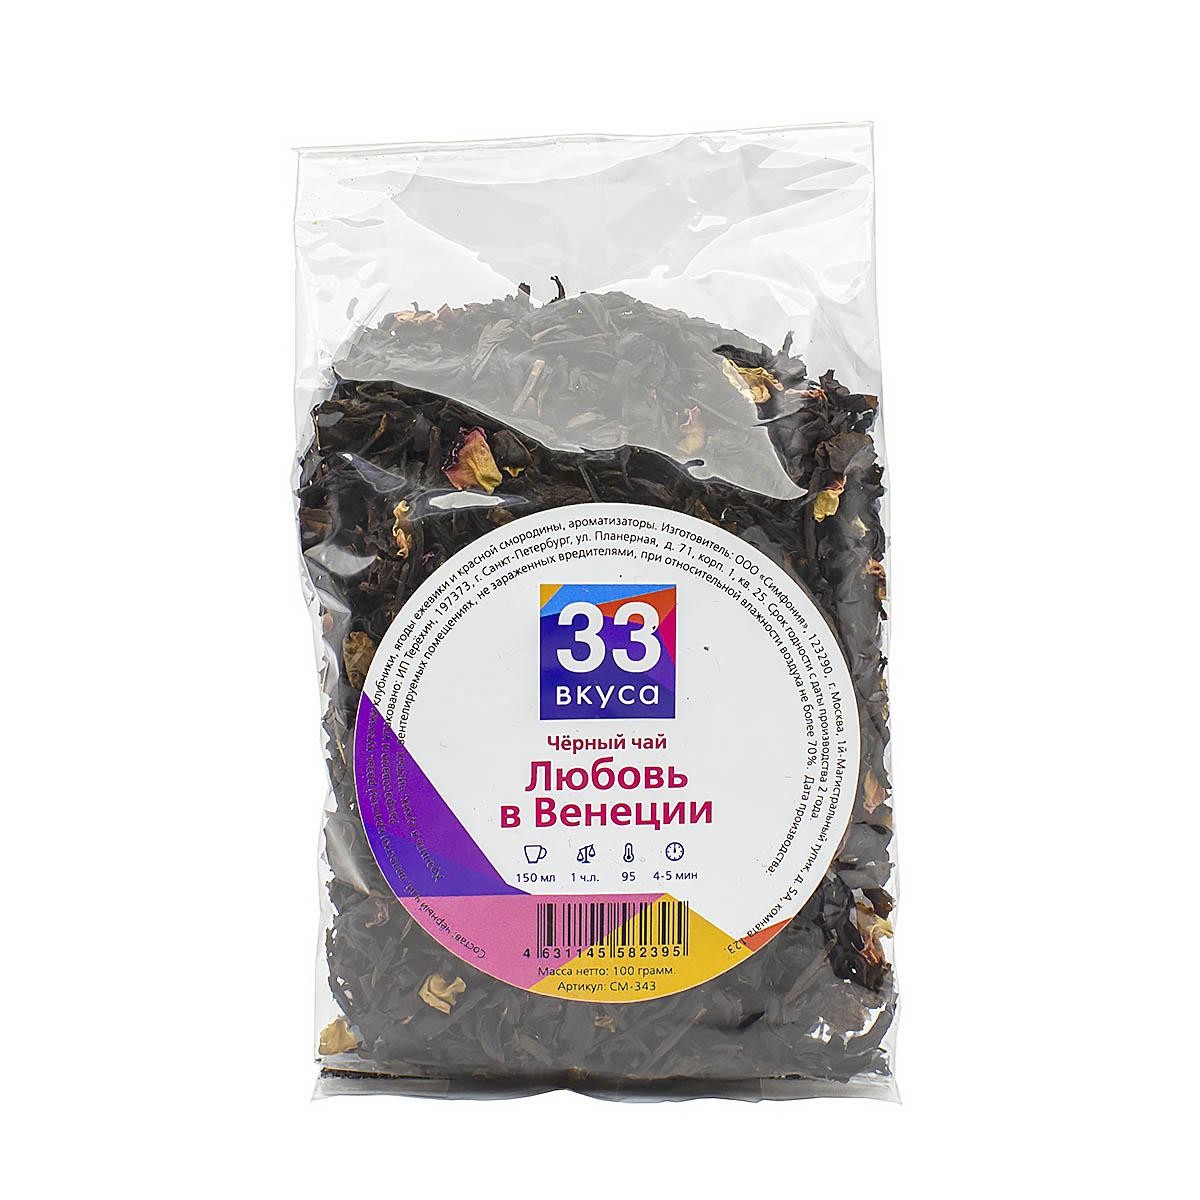 Черный ароматизированный чай Любовь в Венеции, 100 г принцесса нури бергамот черный ароматизированный чай в пакетиках 25 шт